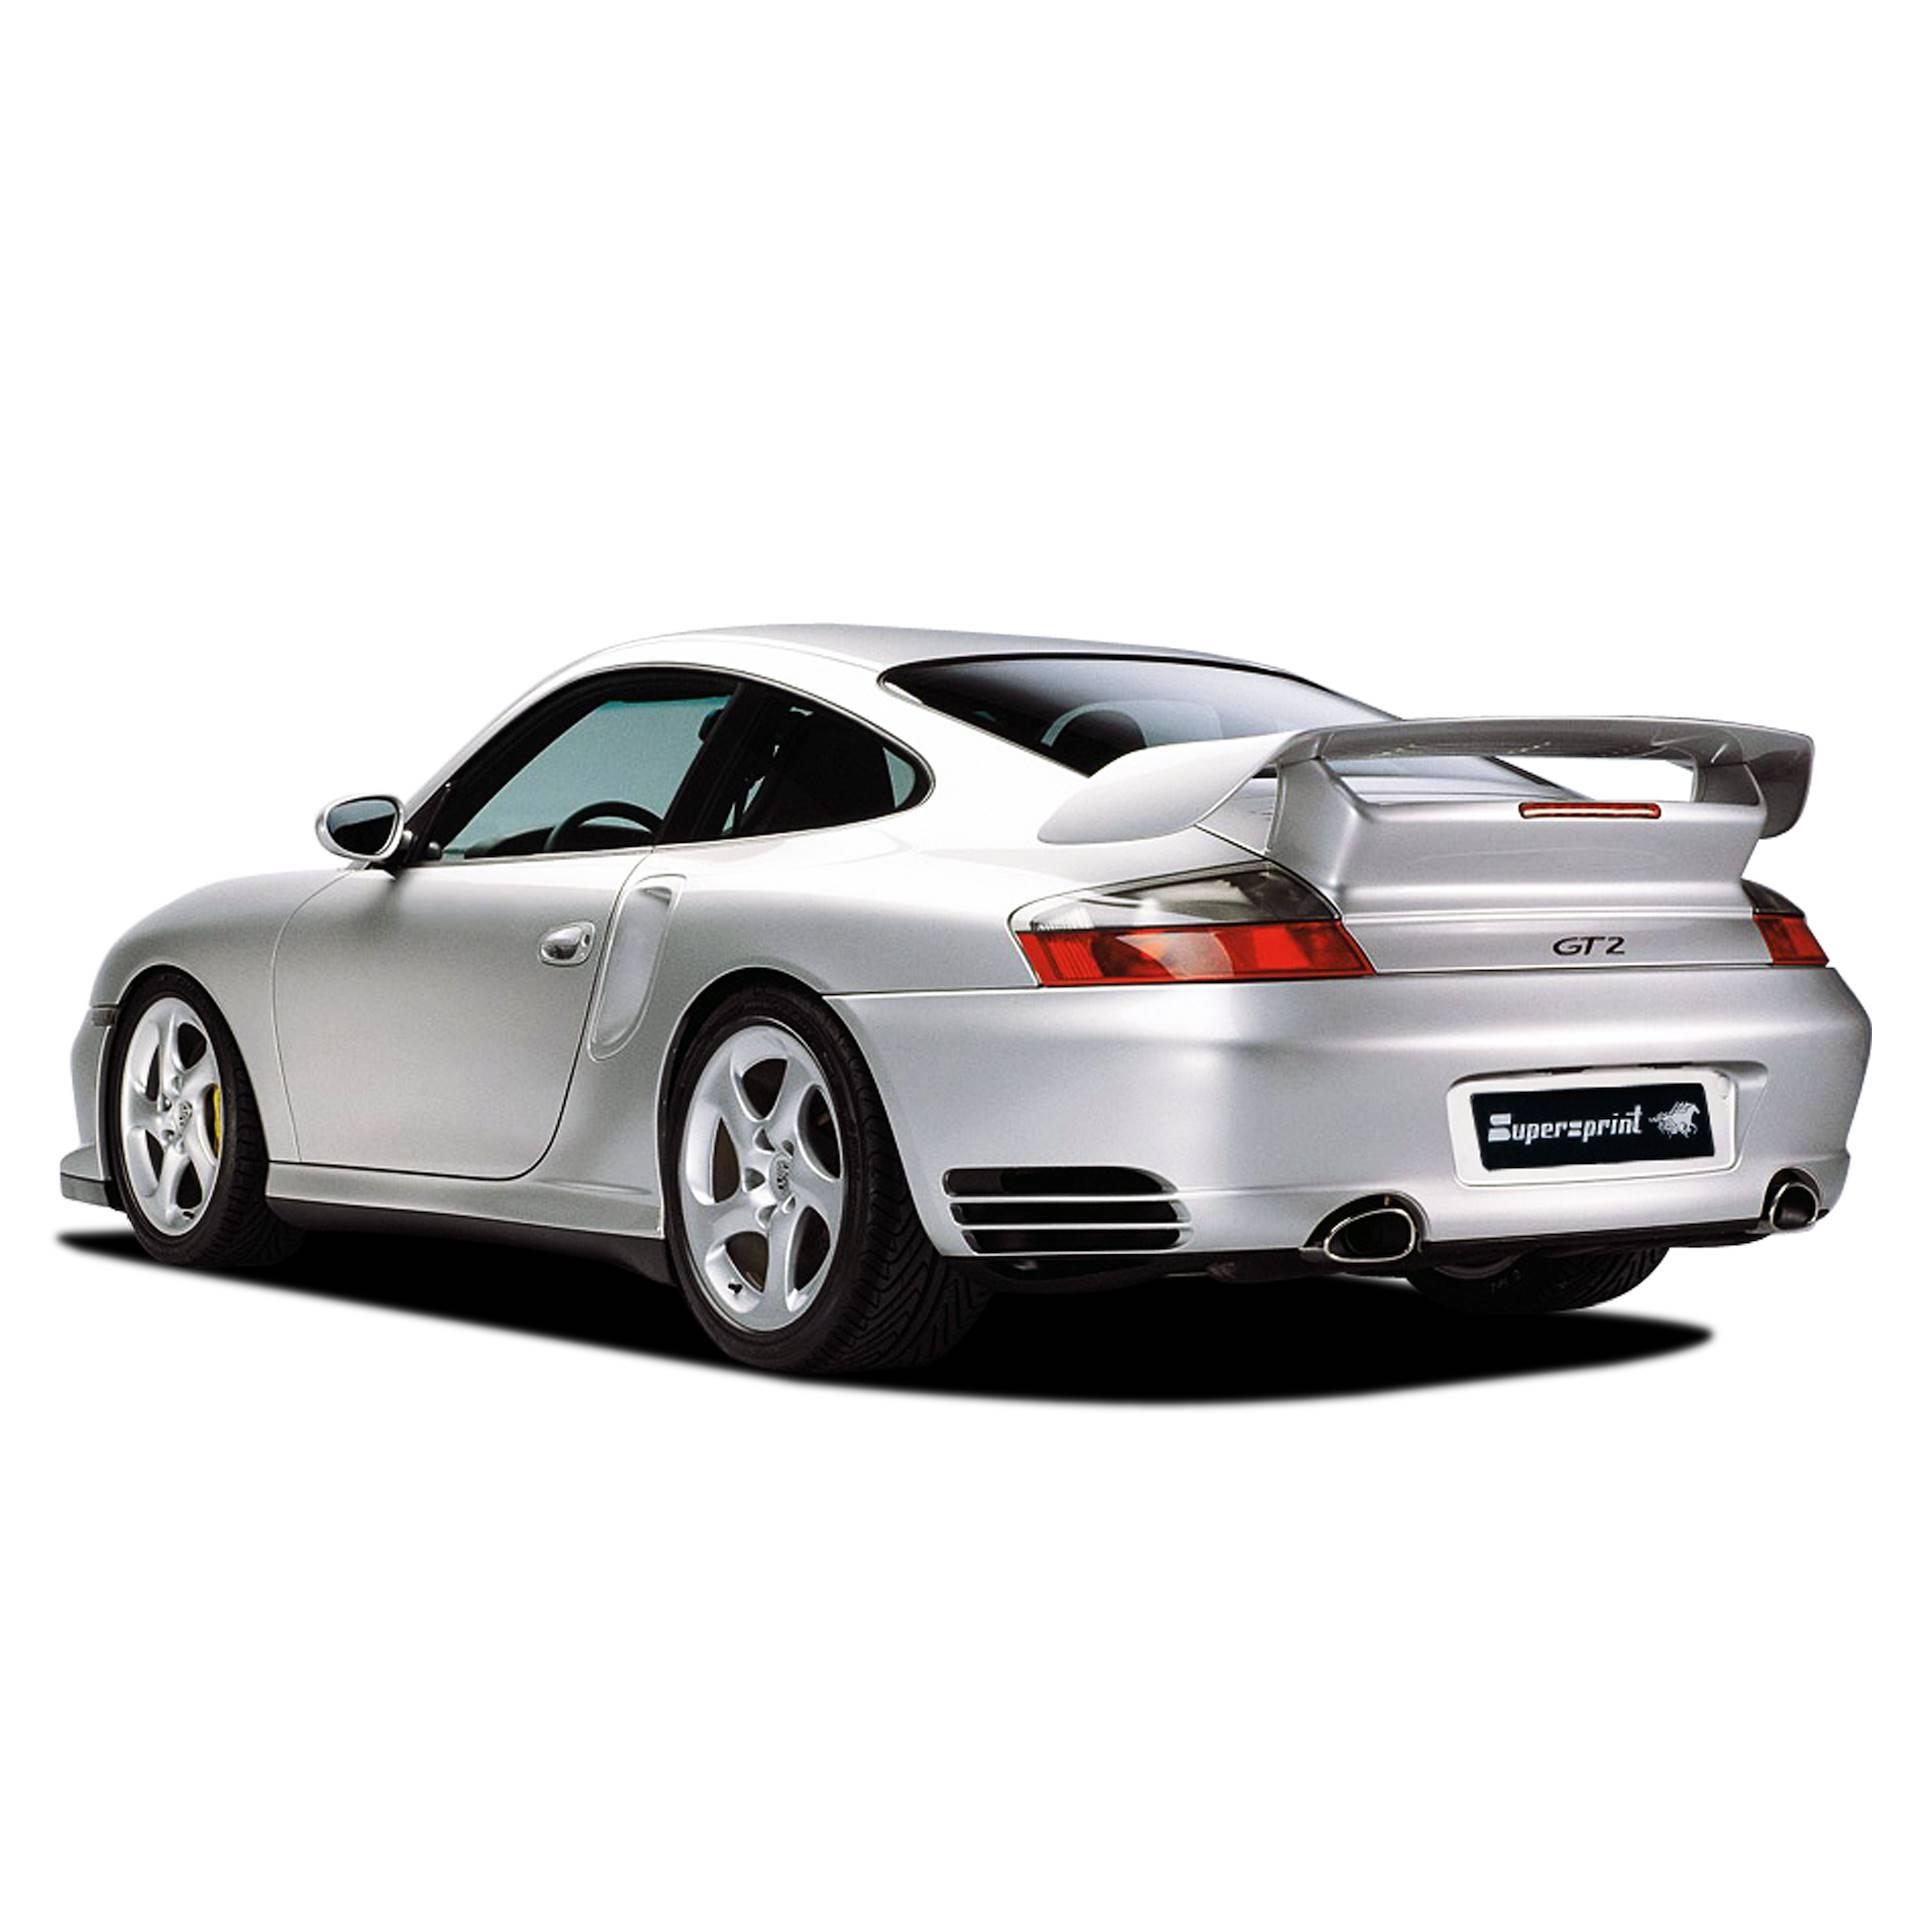 Porsche 996 Engine Hp: PORSCHE 996 GT2 (video I), Offizielle Supersprint Videos